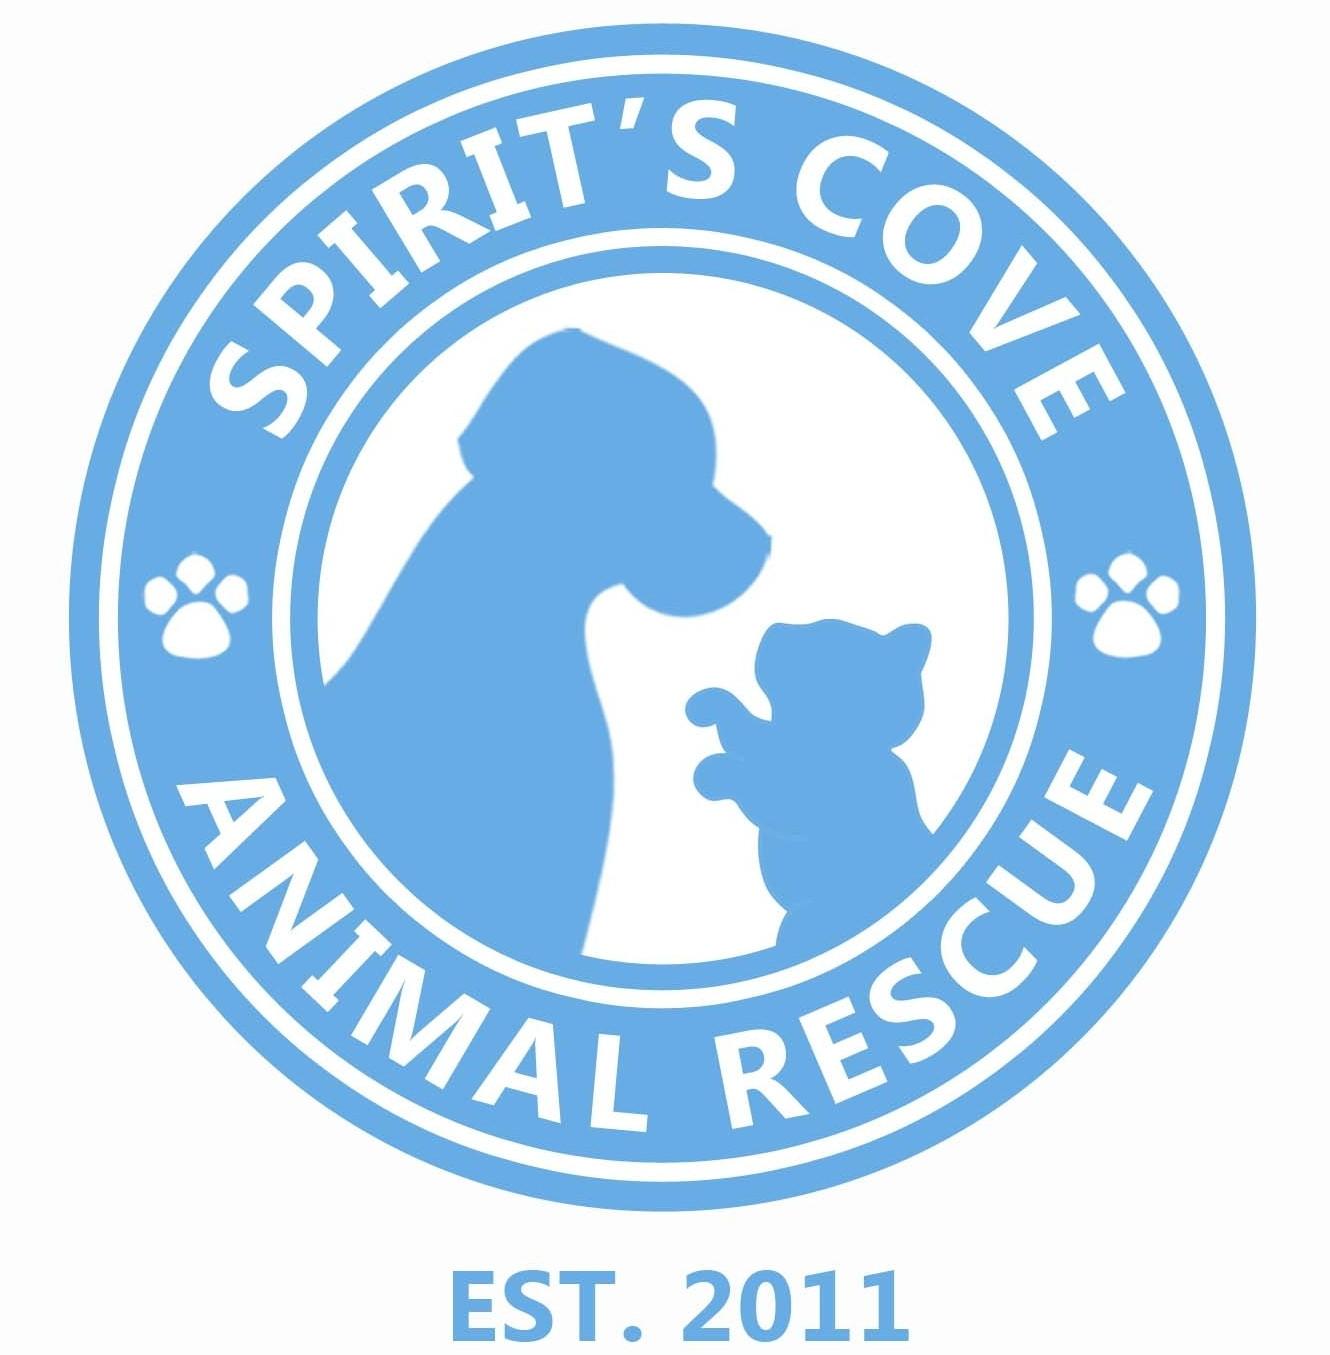 Spirit's Cove Animal Rescue